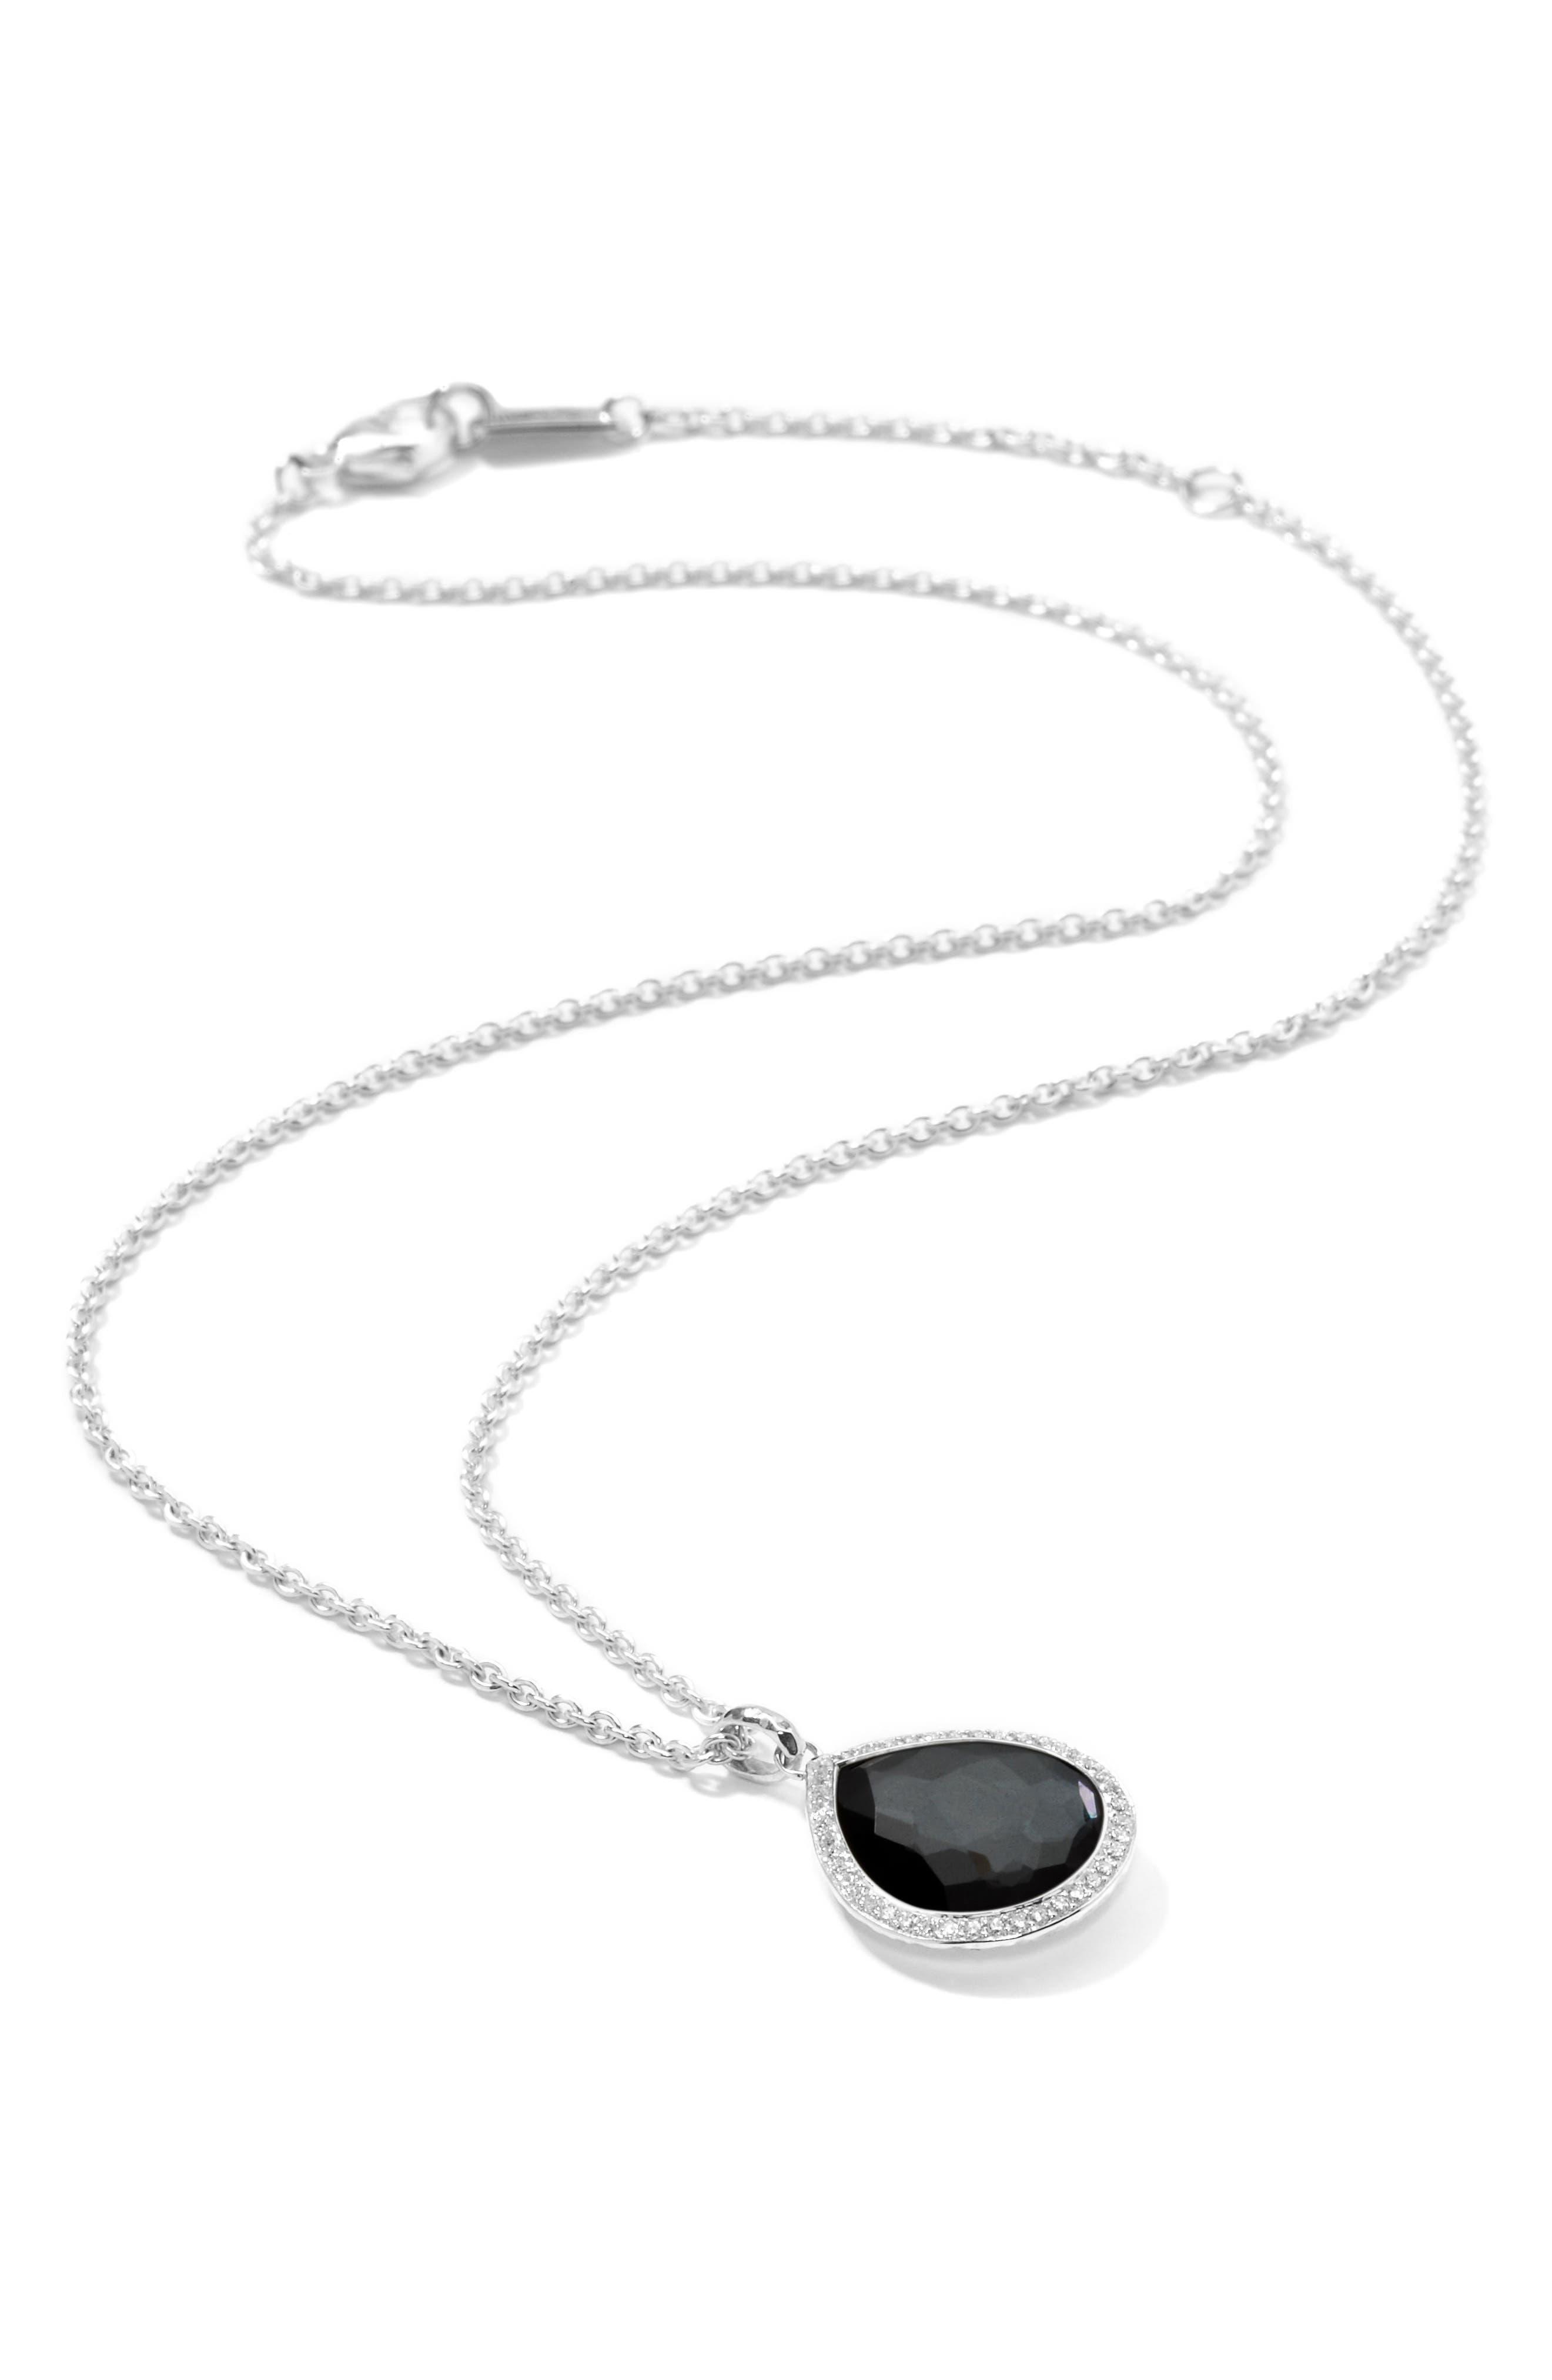 Lollipop Teardrop Pendant Necklace,                             Main thumbnail 1, color,                             Hematite